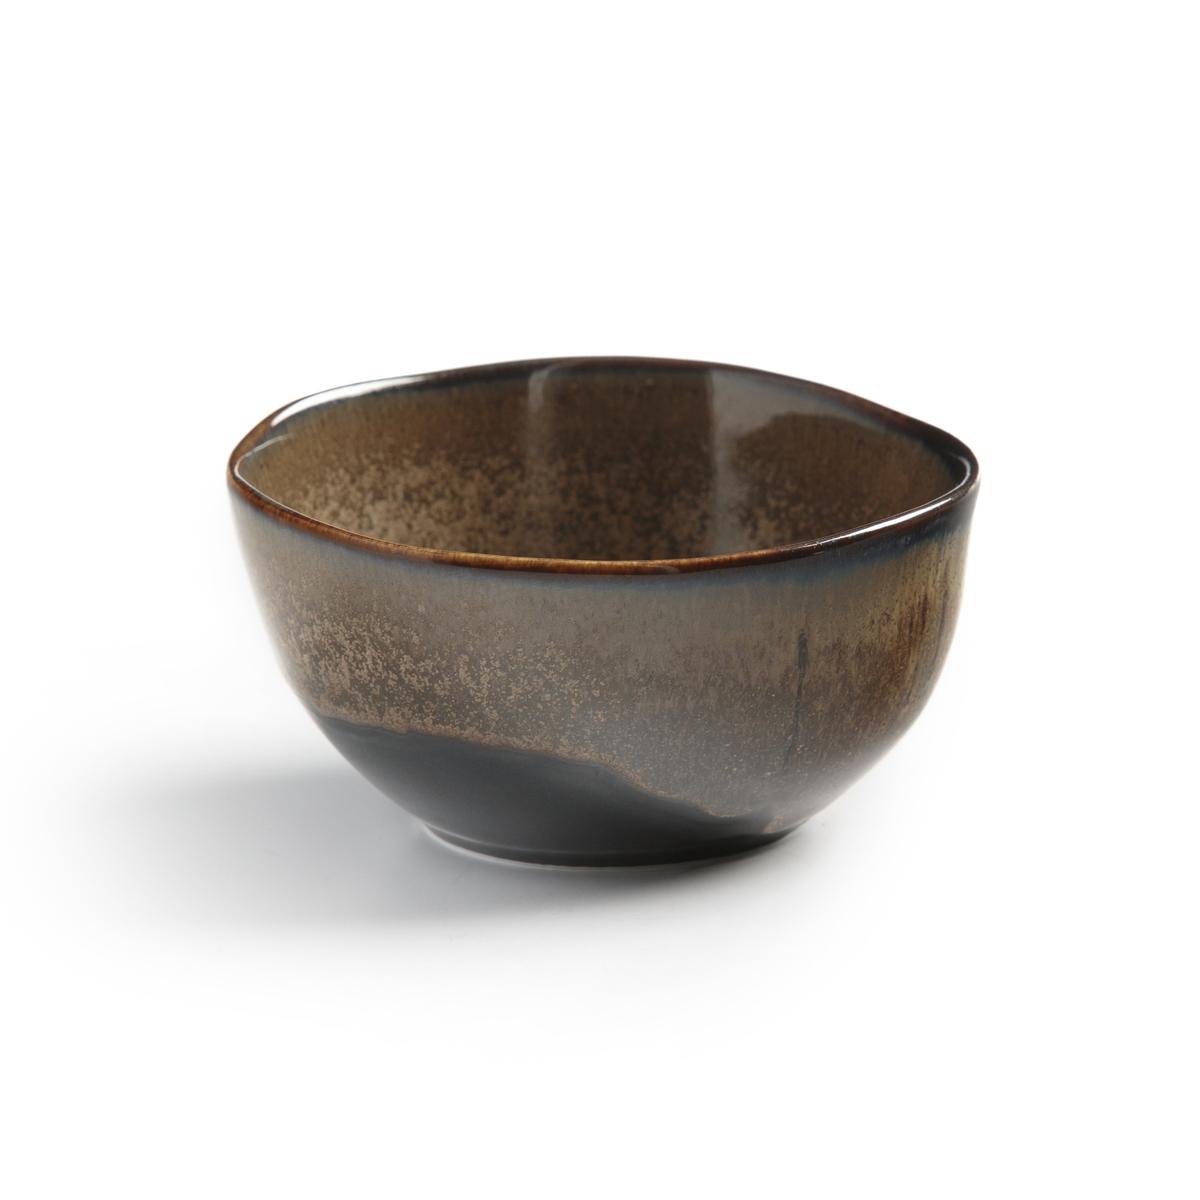 Миски La Redoute Из эмалированной керамики Attale единый размер каштановый плоские la redoute тарелки из эмалированной керамики attale единый размер каштановый